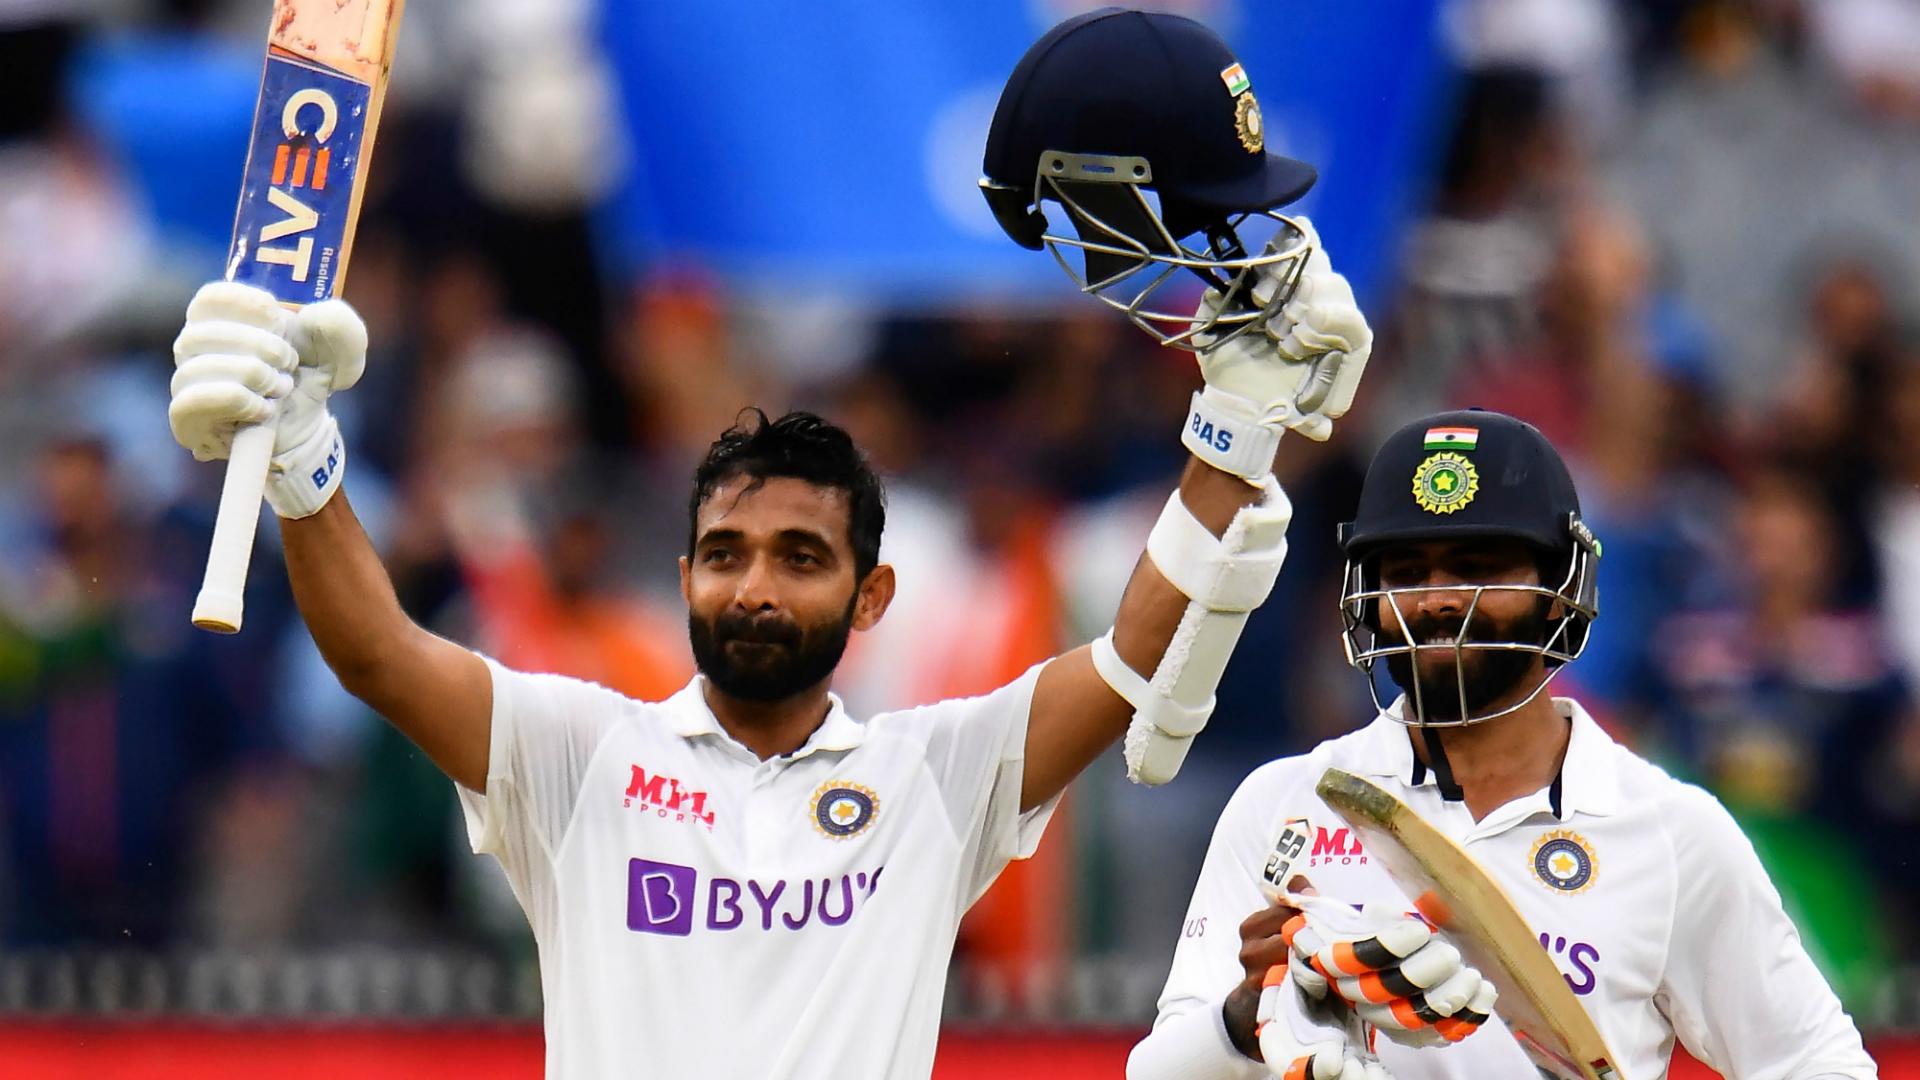 Kohli leads praise for Rahane after stand-in skipper's unbeaten knock